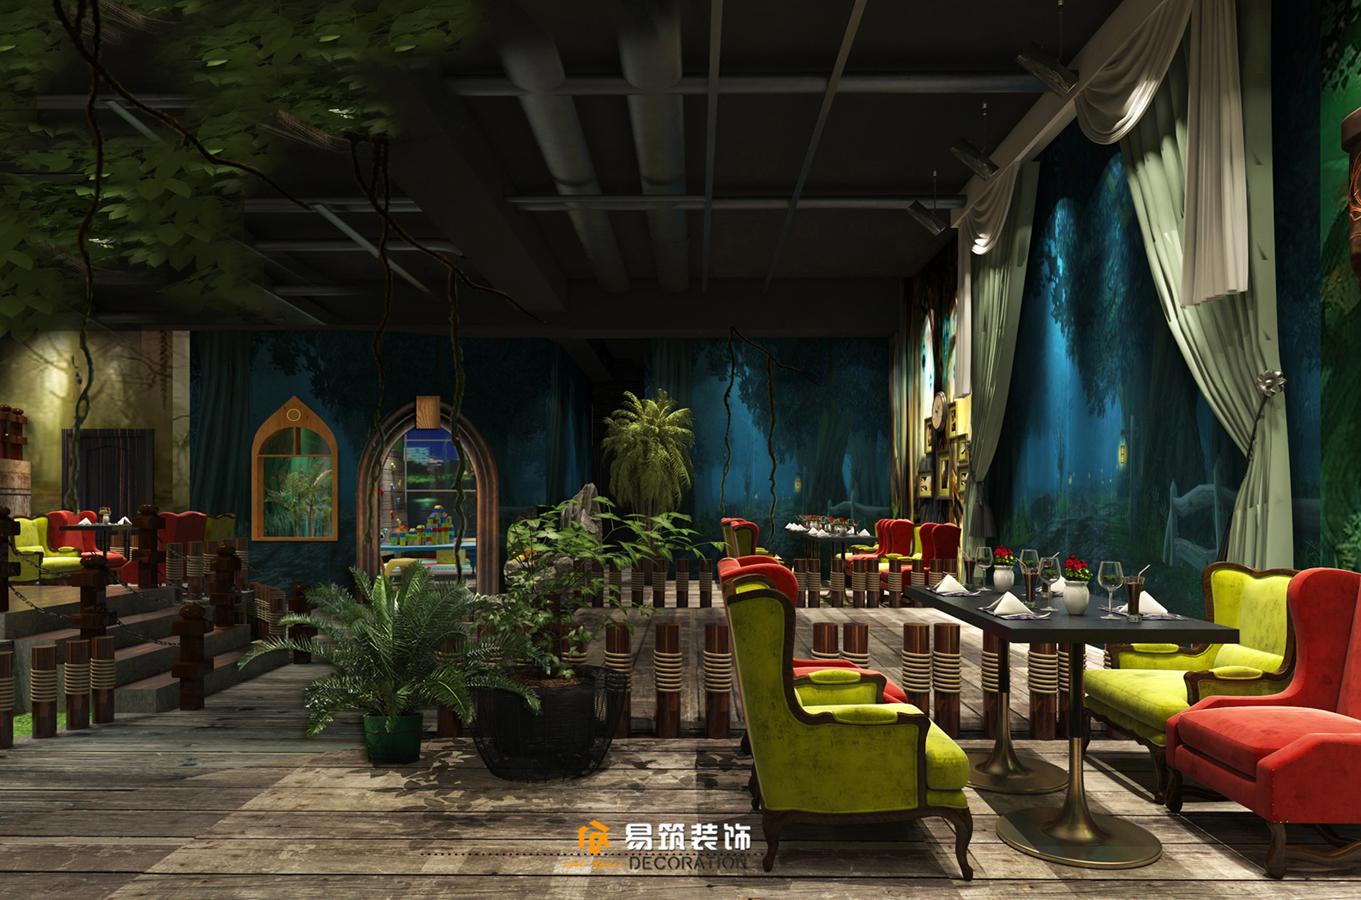 魔法森林主题餐厅800平米装修效果图_孙睿设计作品图片